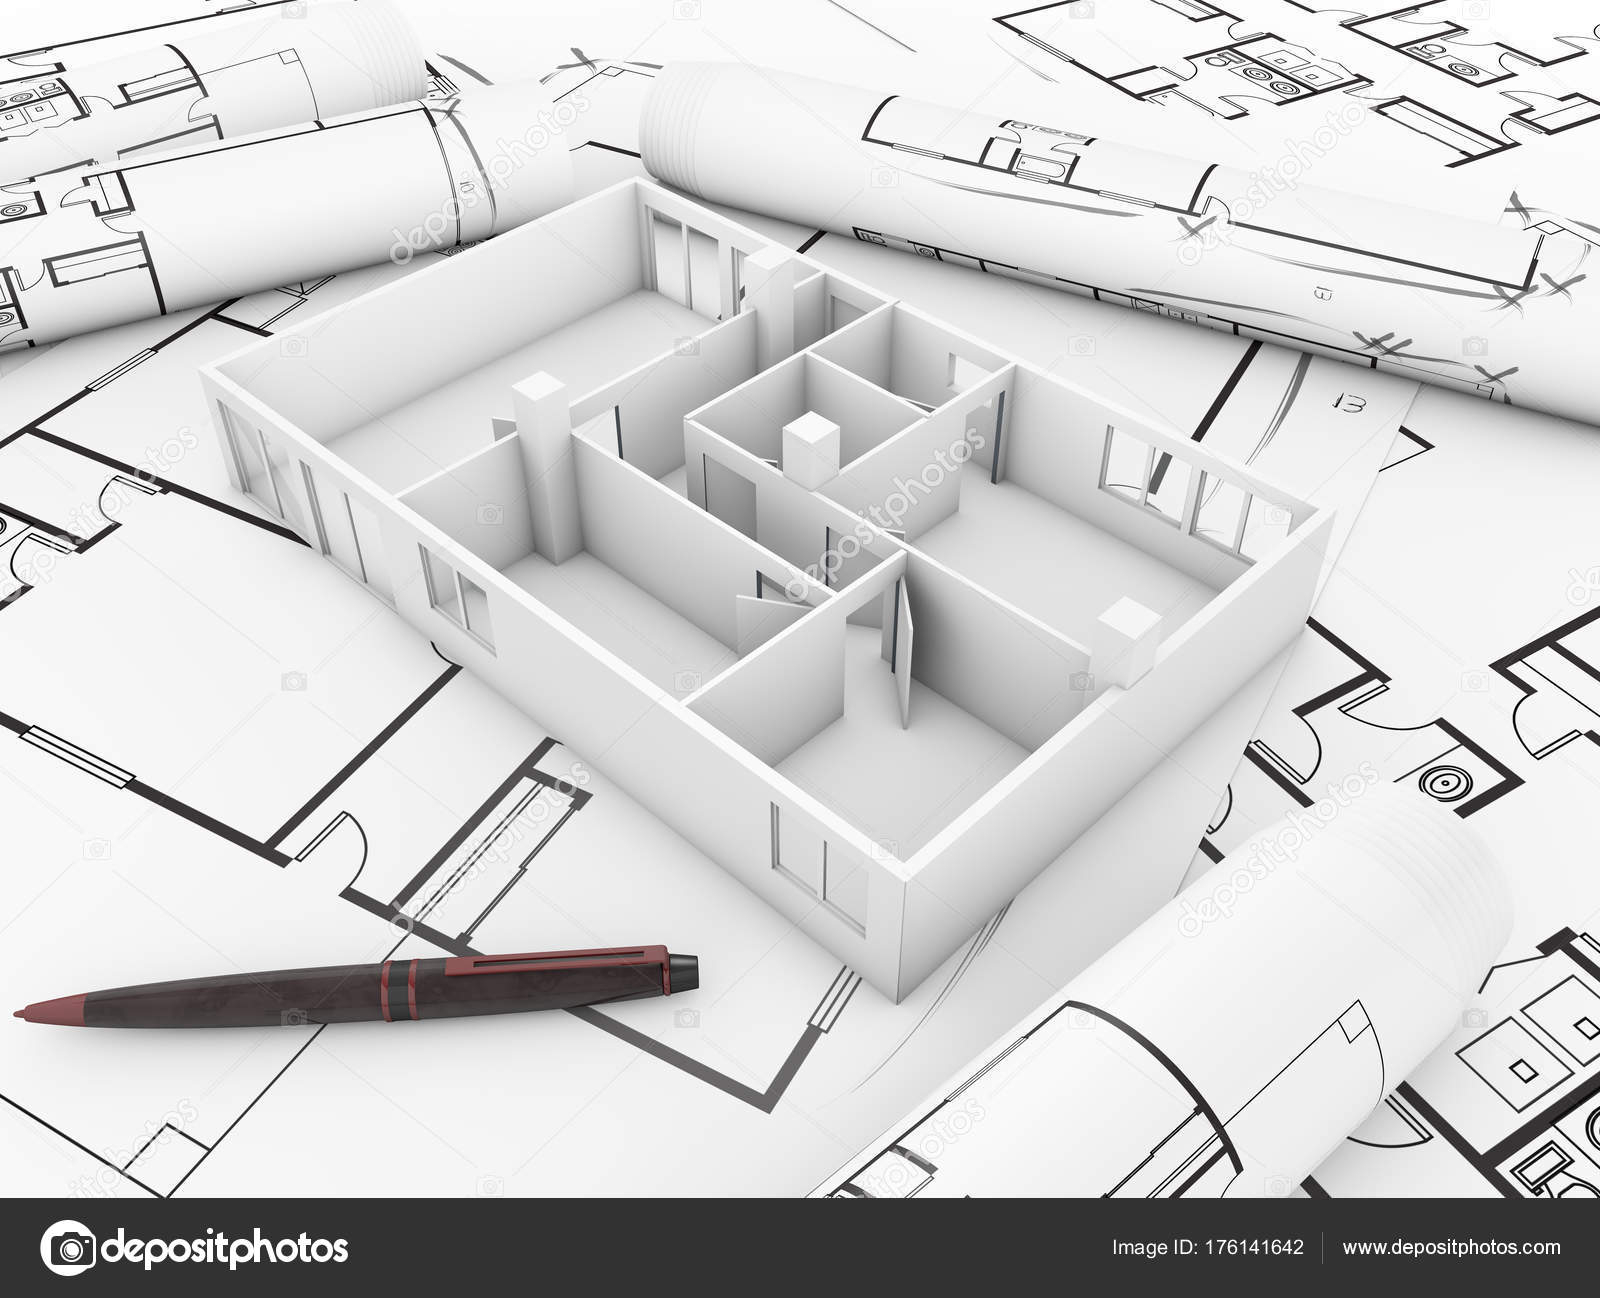 Maison architecture mock dessins techniques images de stock libres de droits